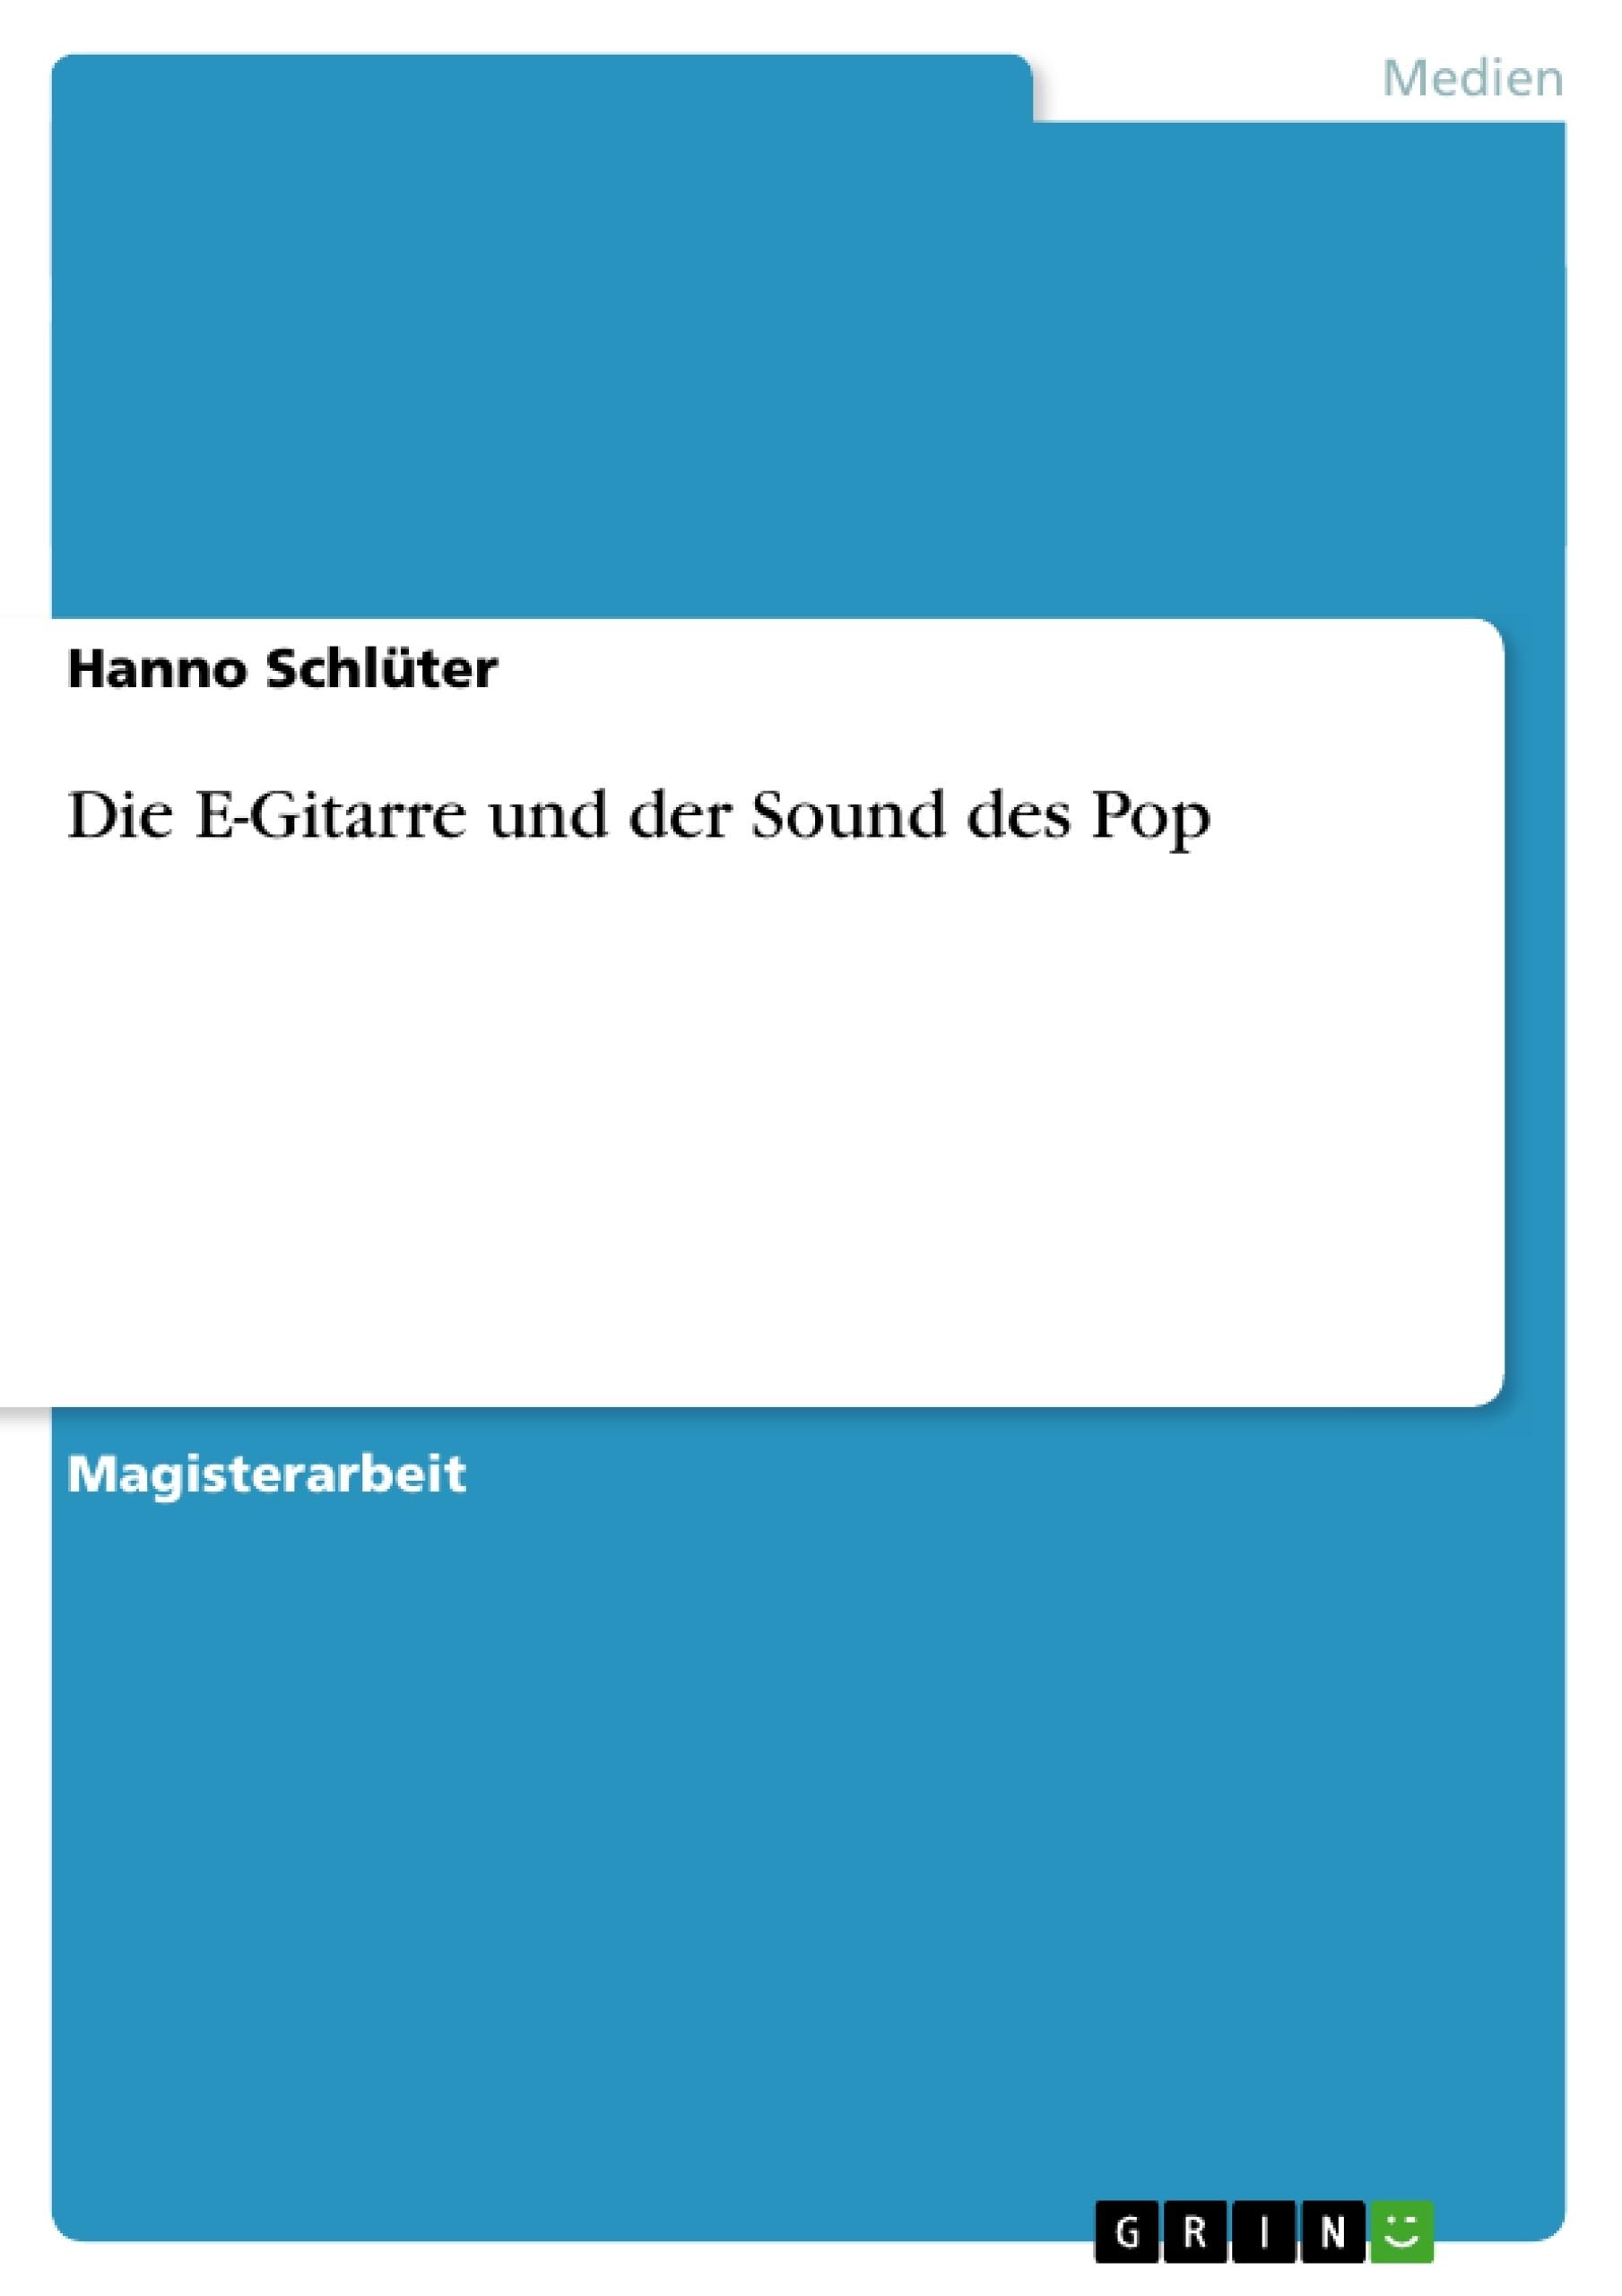 Titel: Die E-Gitarre und der Sound des Pop